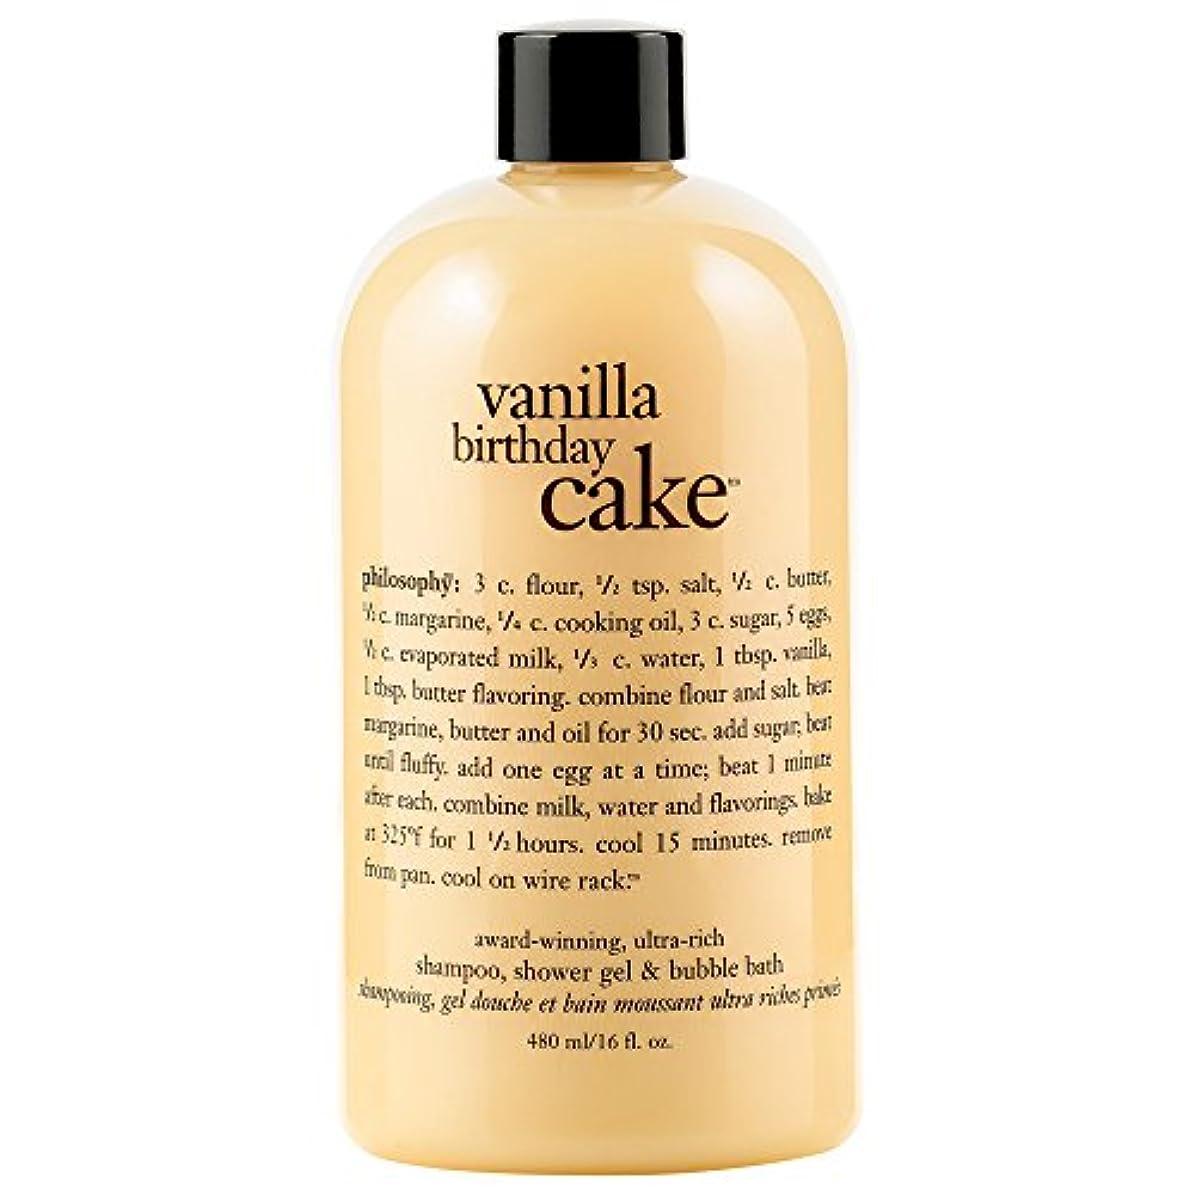 感嘆議論する雑品哲学バニラバースデーケーキシャンプー/シャワージェル/バブルバス480ミリリットル (Philosophy) (x6) - Philosophy Vanilla Birthday Cake Shampoo/Shower...